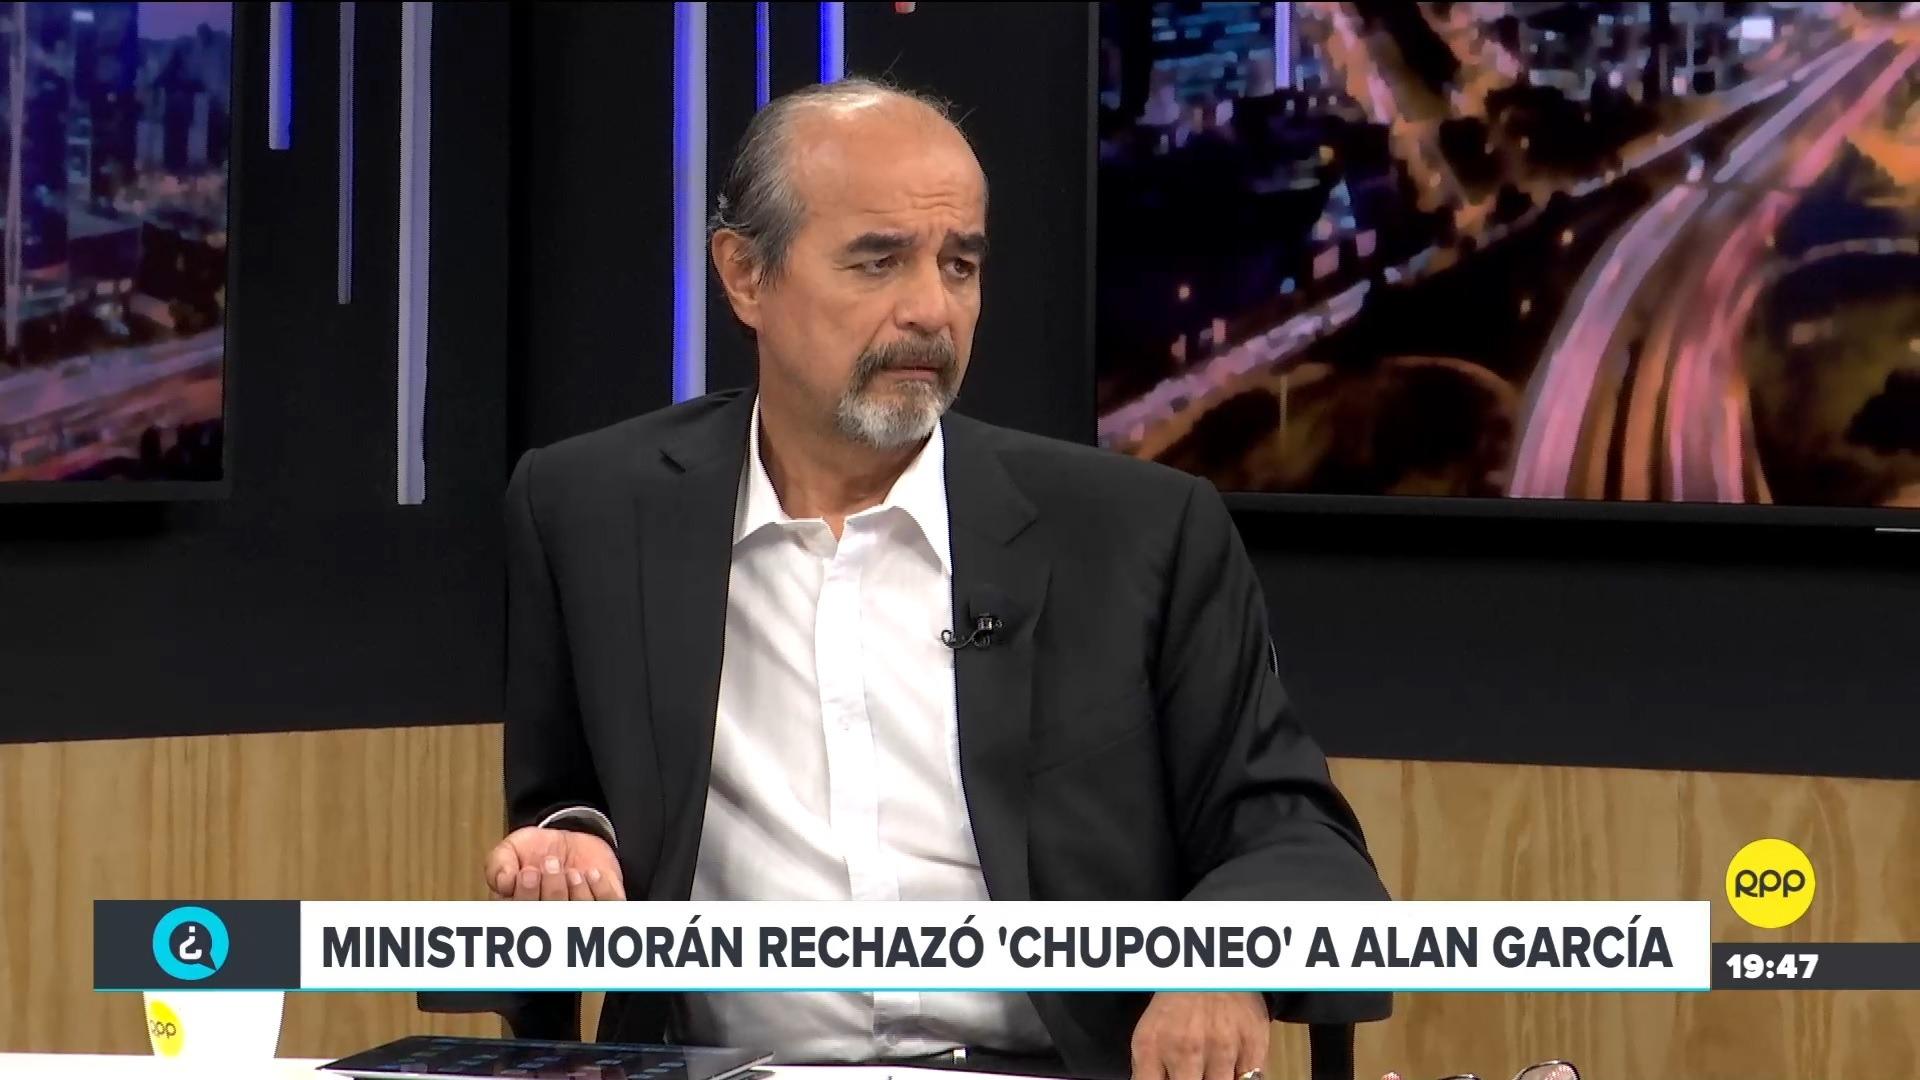 El parlamentario criticó la permanencia del ministro Morán tras la denunciar realizada por el expresidente Alan García.